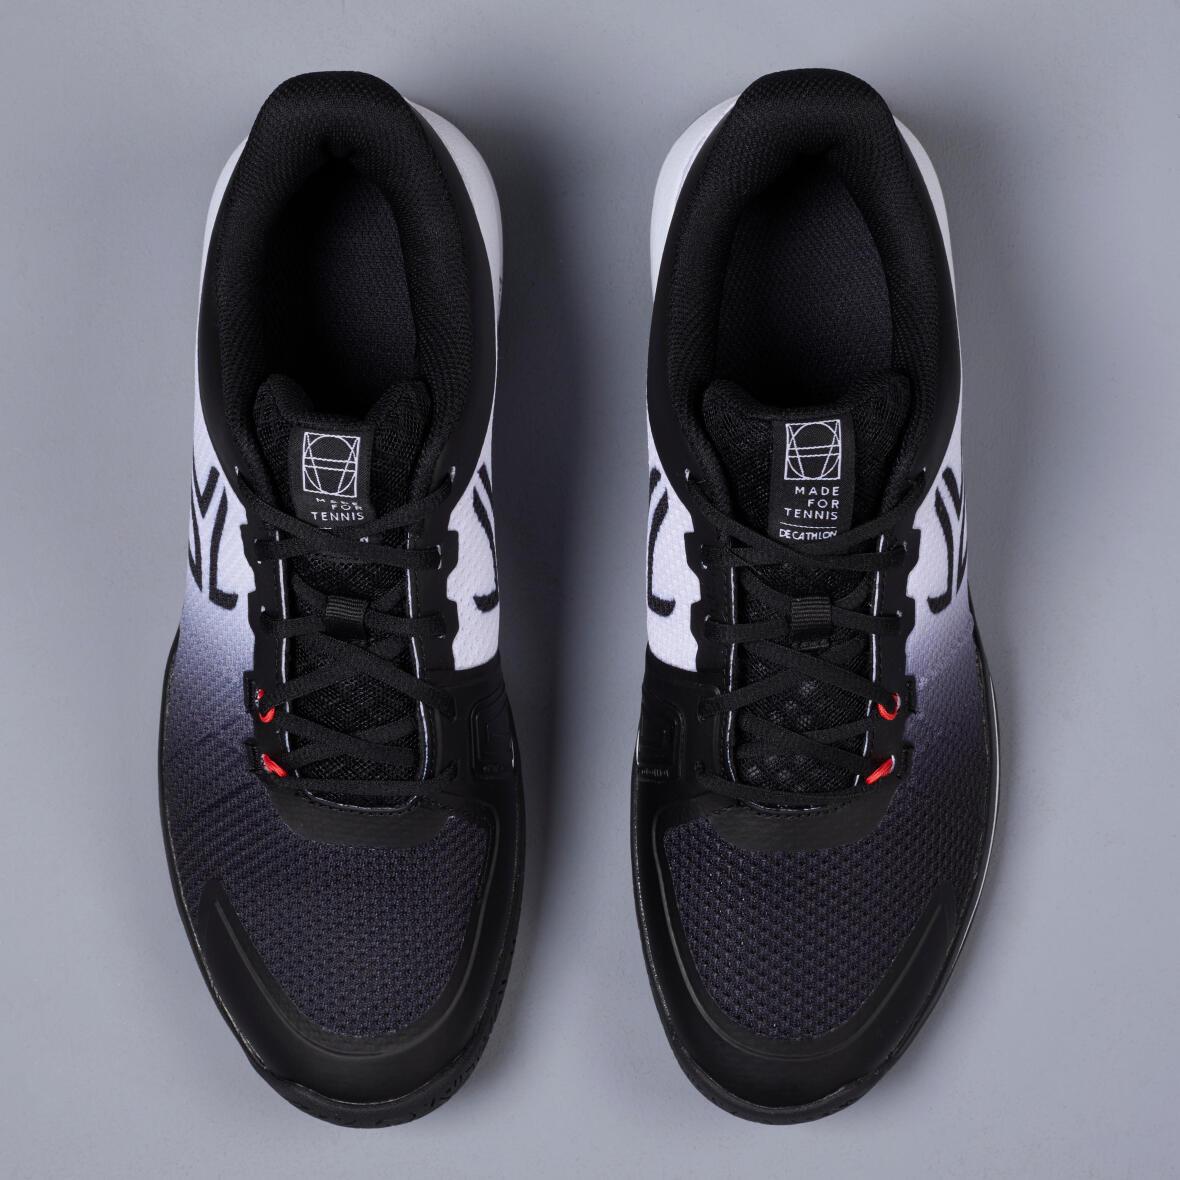 TS590網球鞋